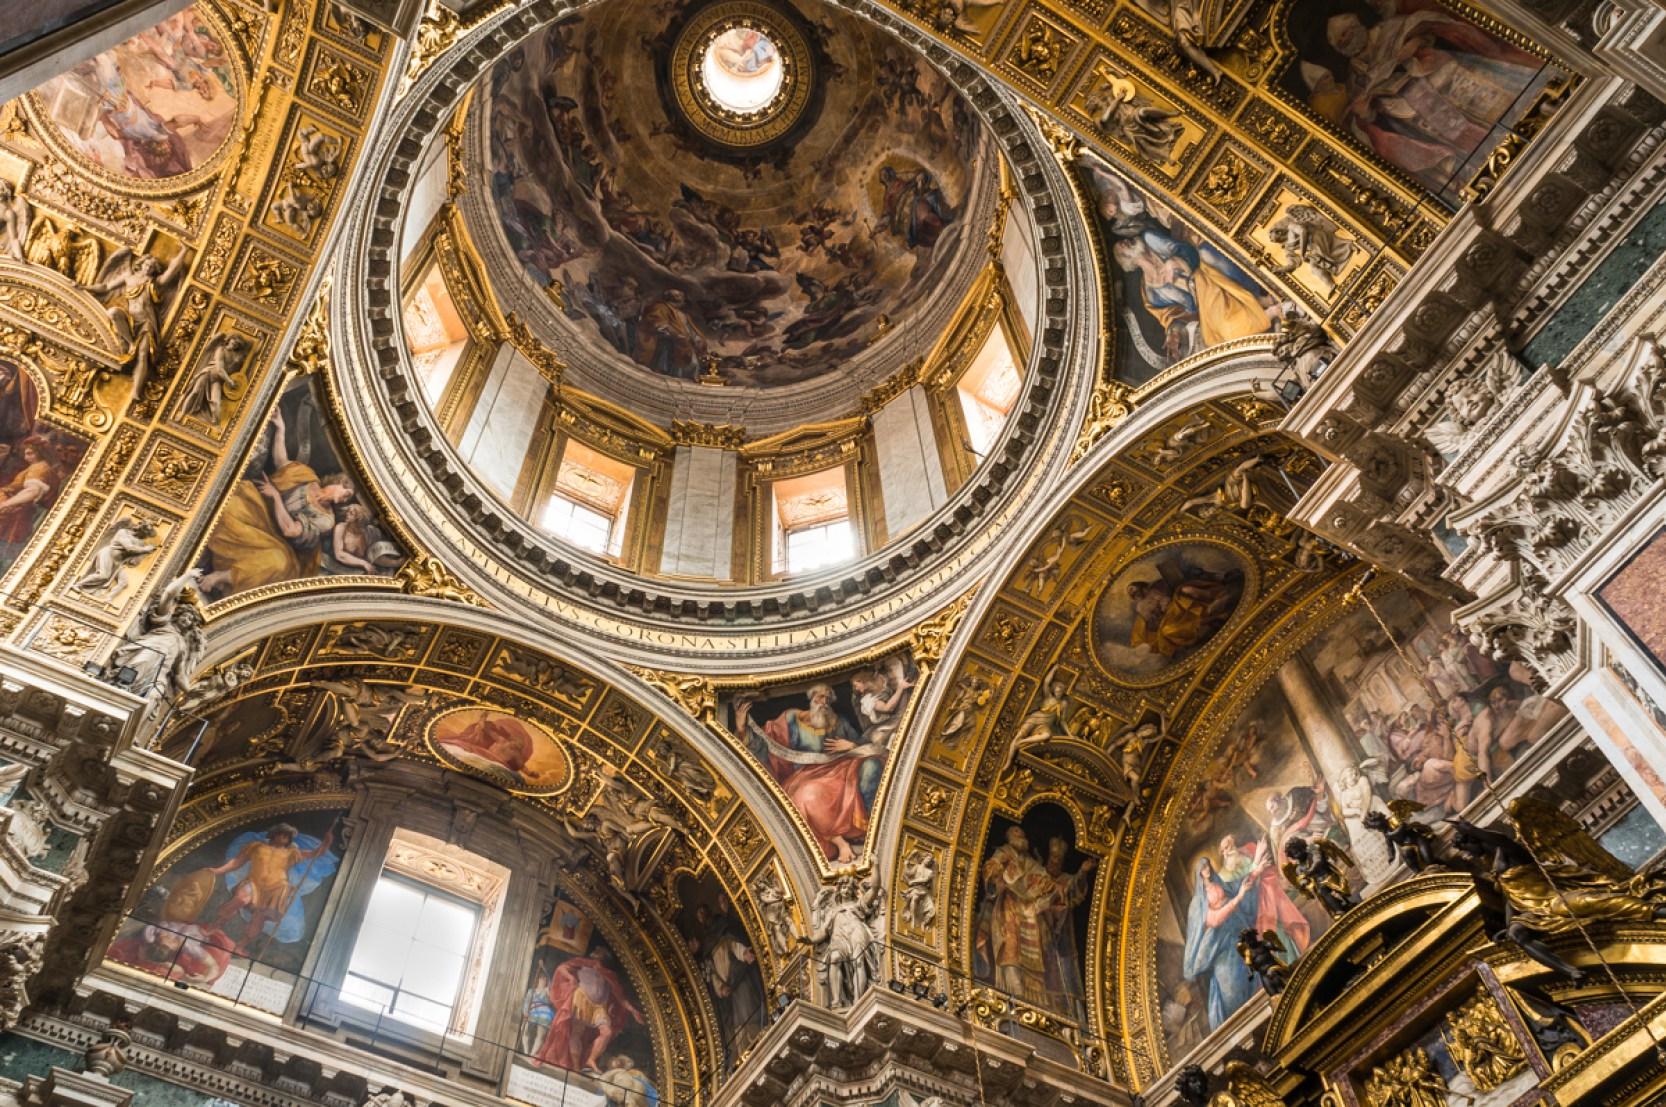 Basilica-di-Santa-Maria-Maggiore_DSC7193.jpg